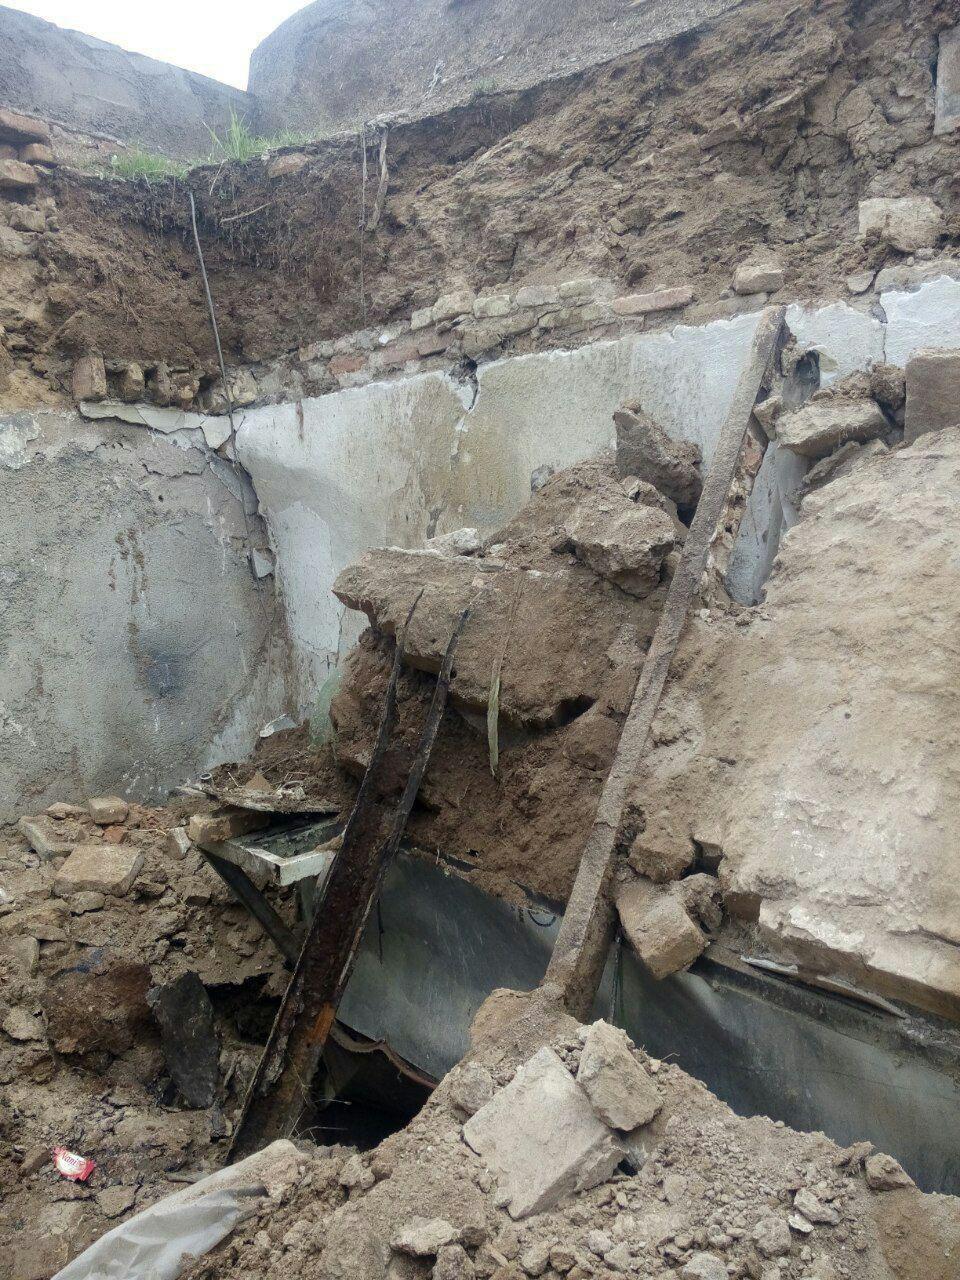 زلزله 6 ریشتری در خراسان (عکس)